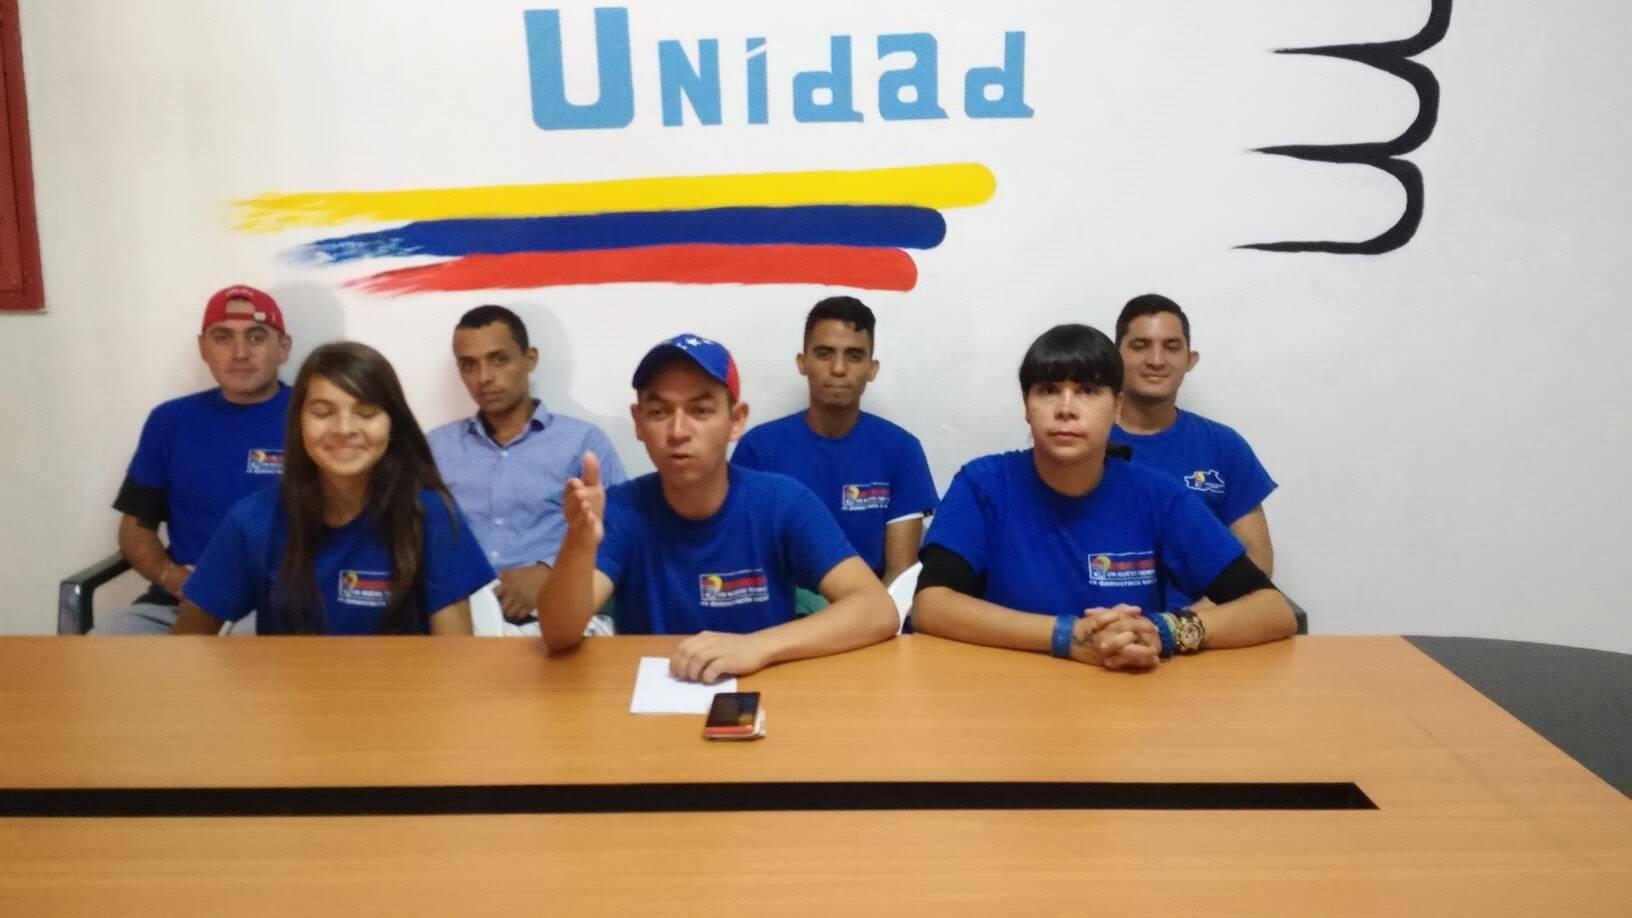 Juventud de Un Nuevo Tiempo Guaicaipuro condena los saqueos ocurridos en Los Teques